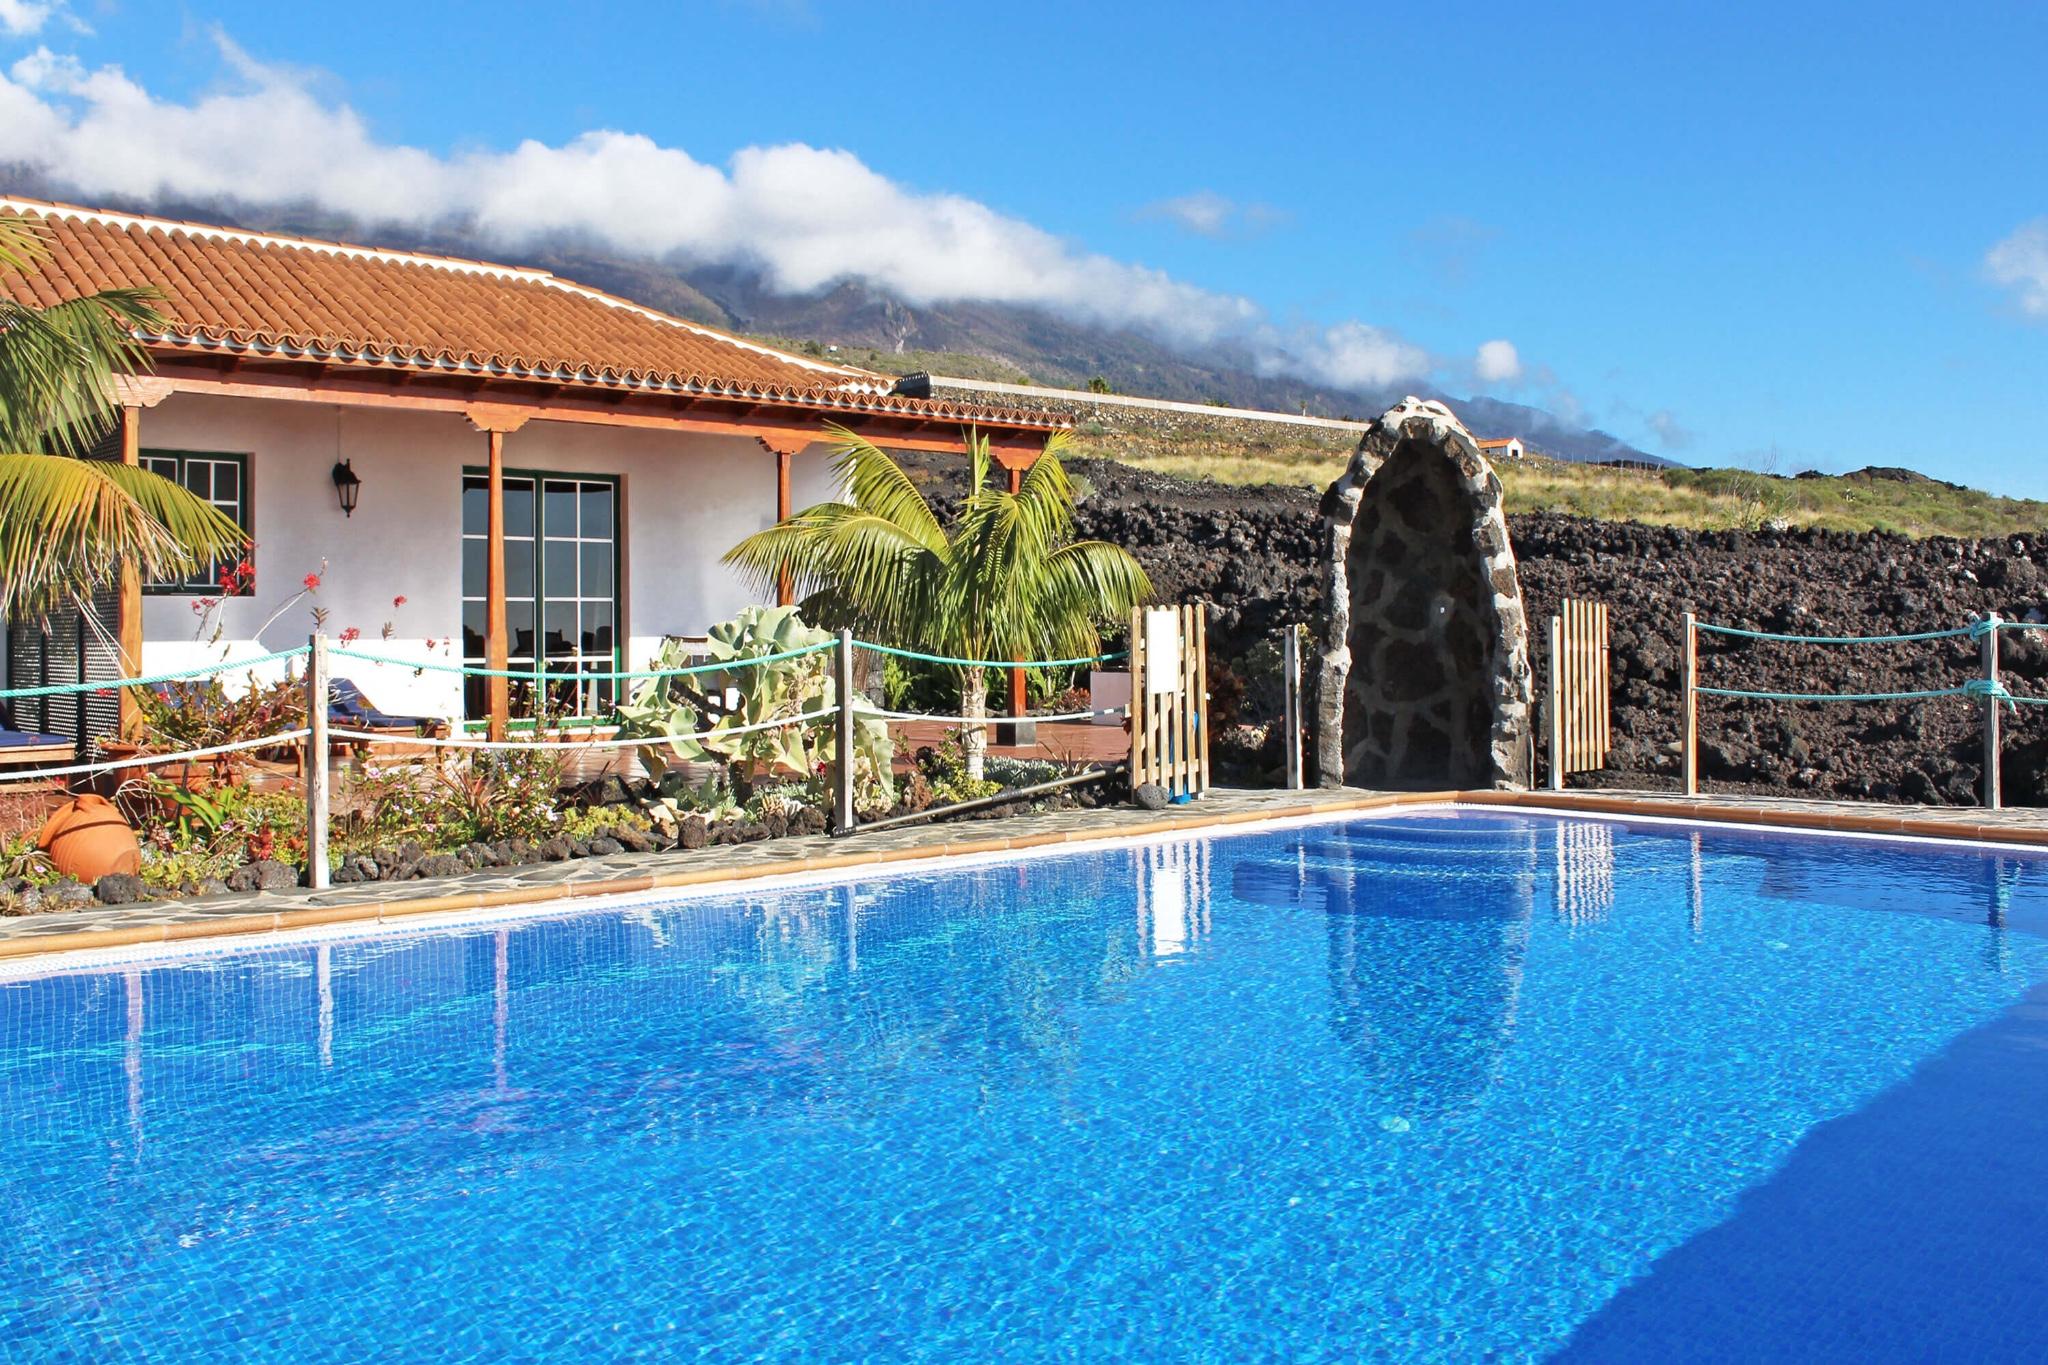 Lägenhet med en stor terrass gemensam pool för en avkopplande semester i La Palma